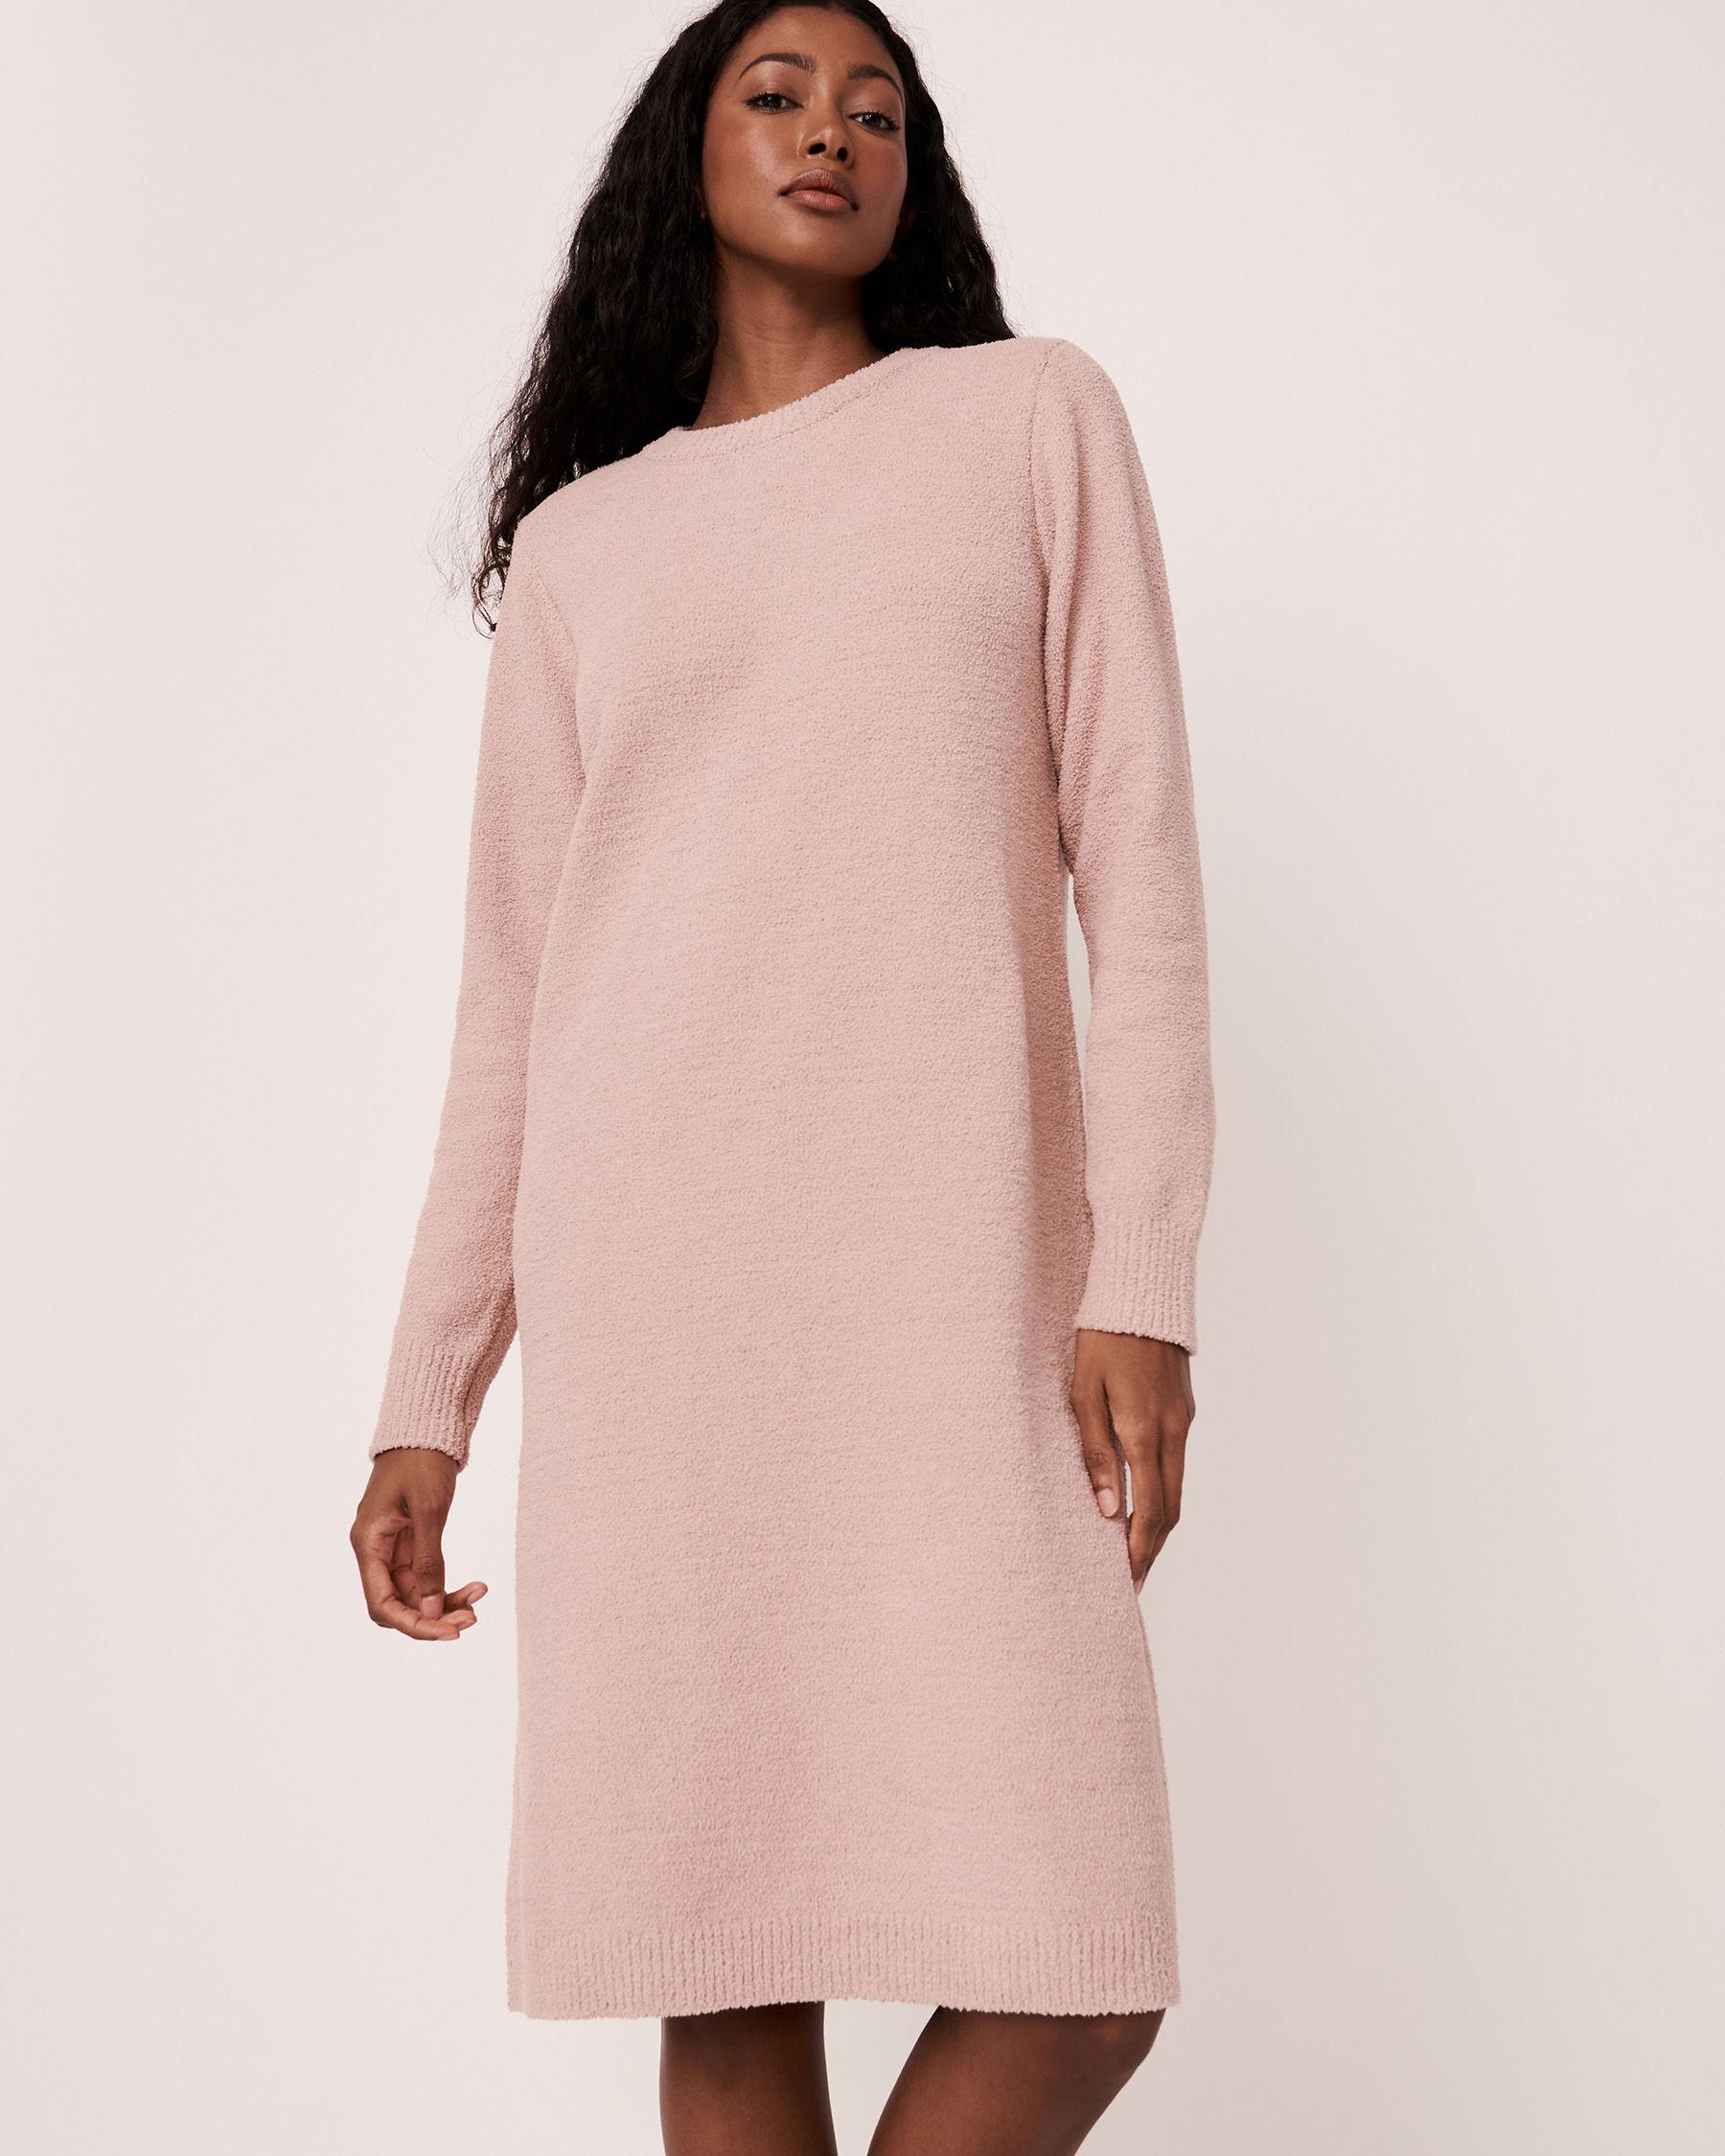 LA VIE EN ROSE Chenille Long Sleeve Dress Shadow grey 50400011 - View5